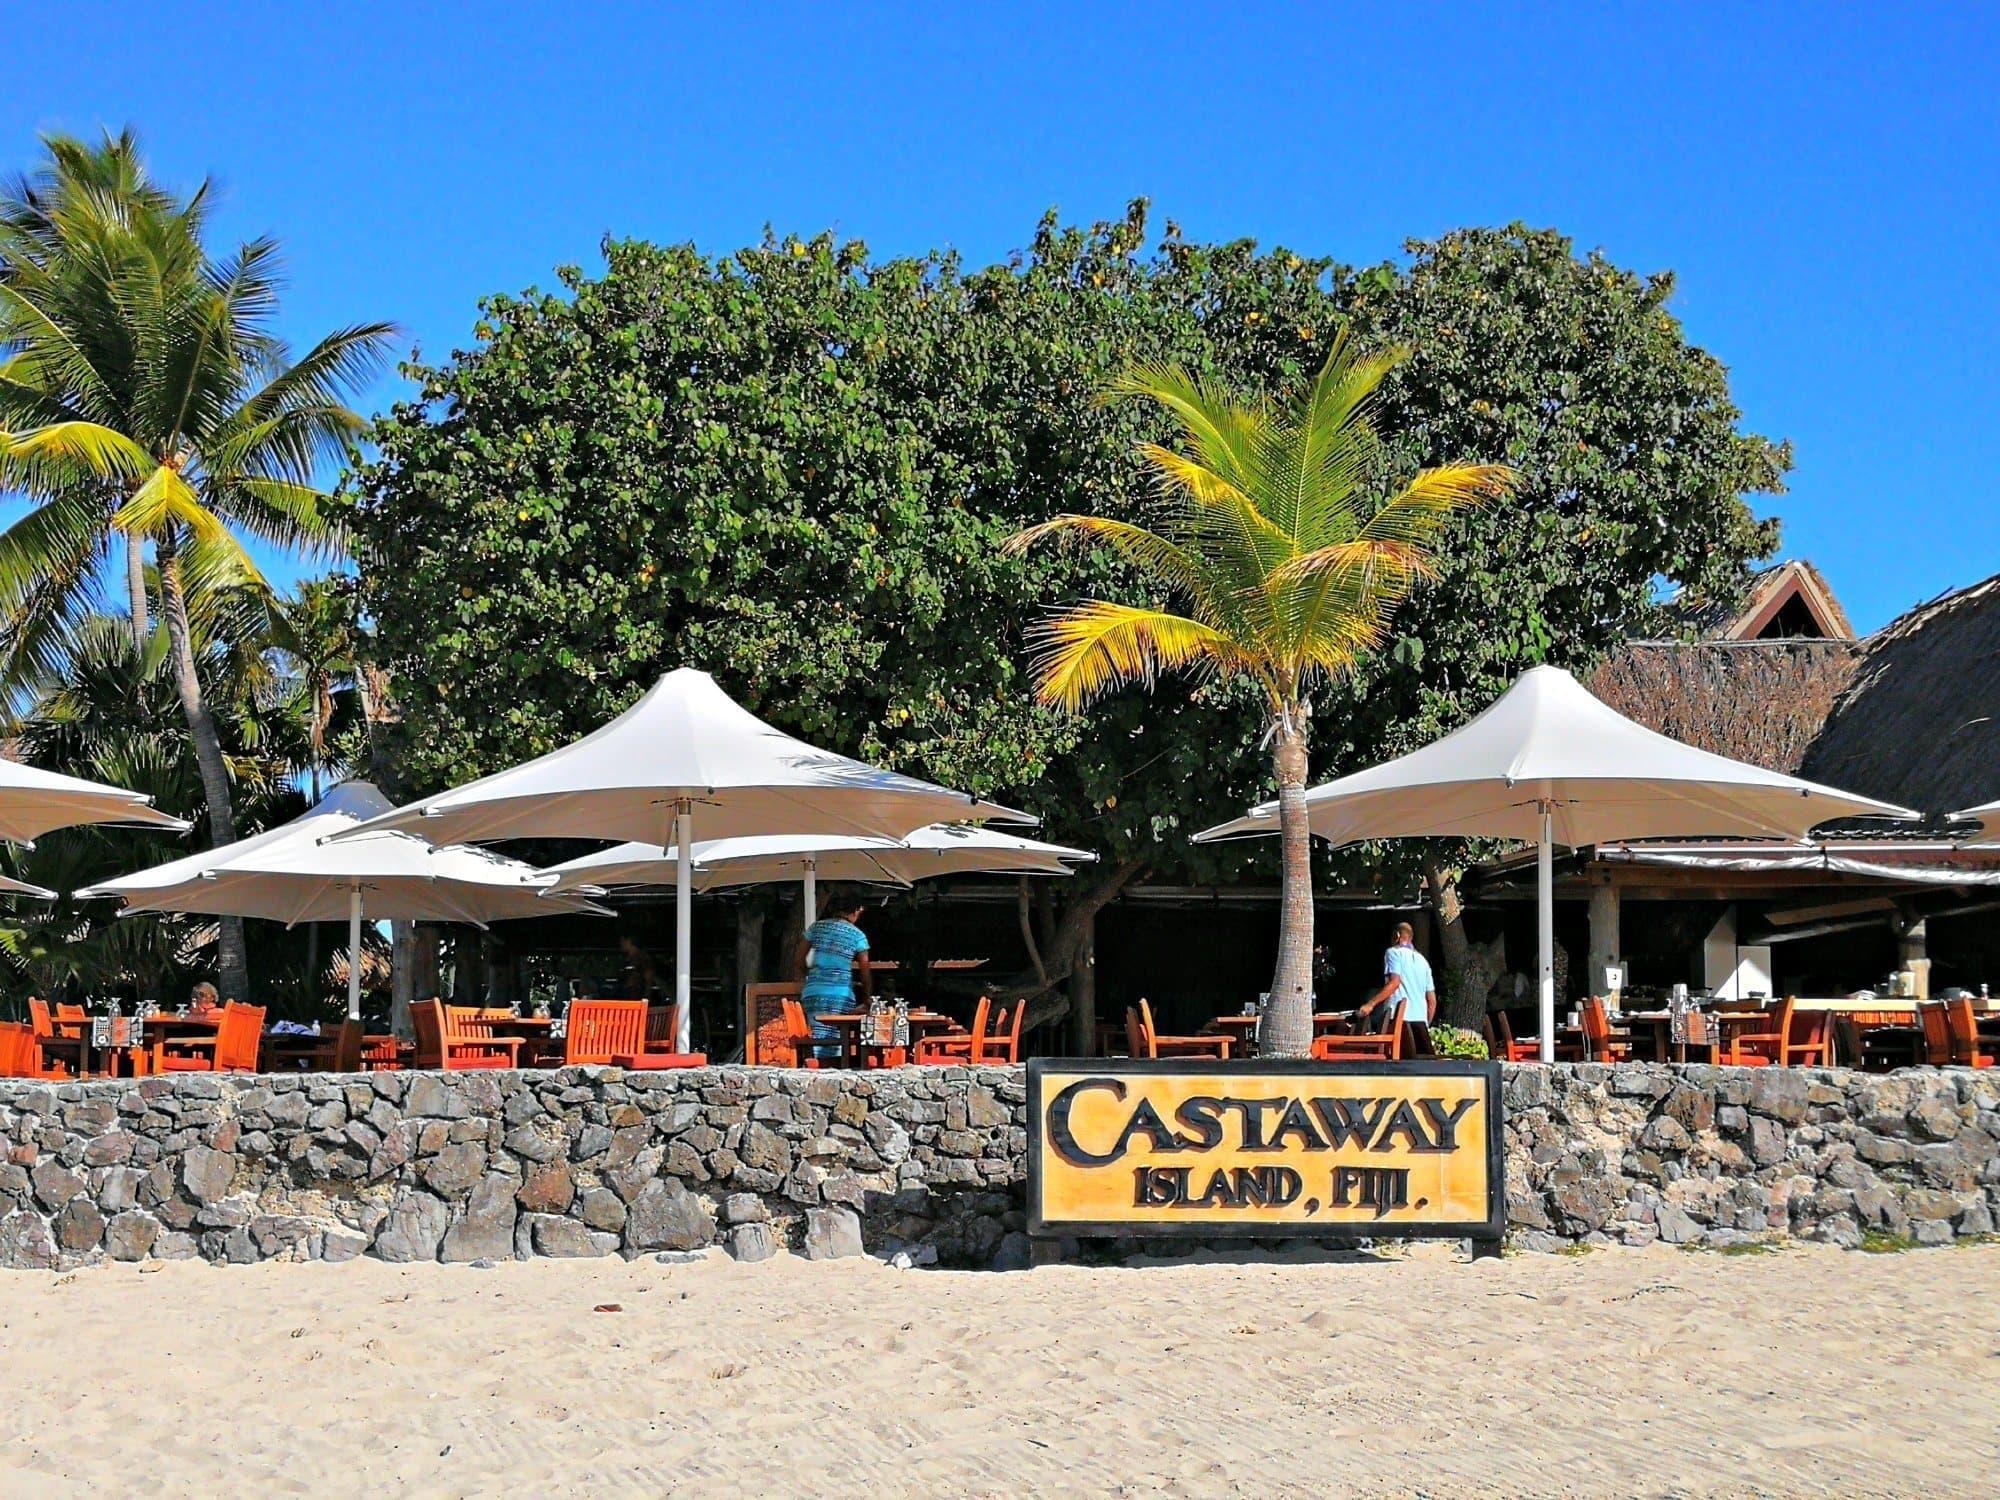 Castaway Island in Fiji with kids